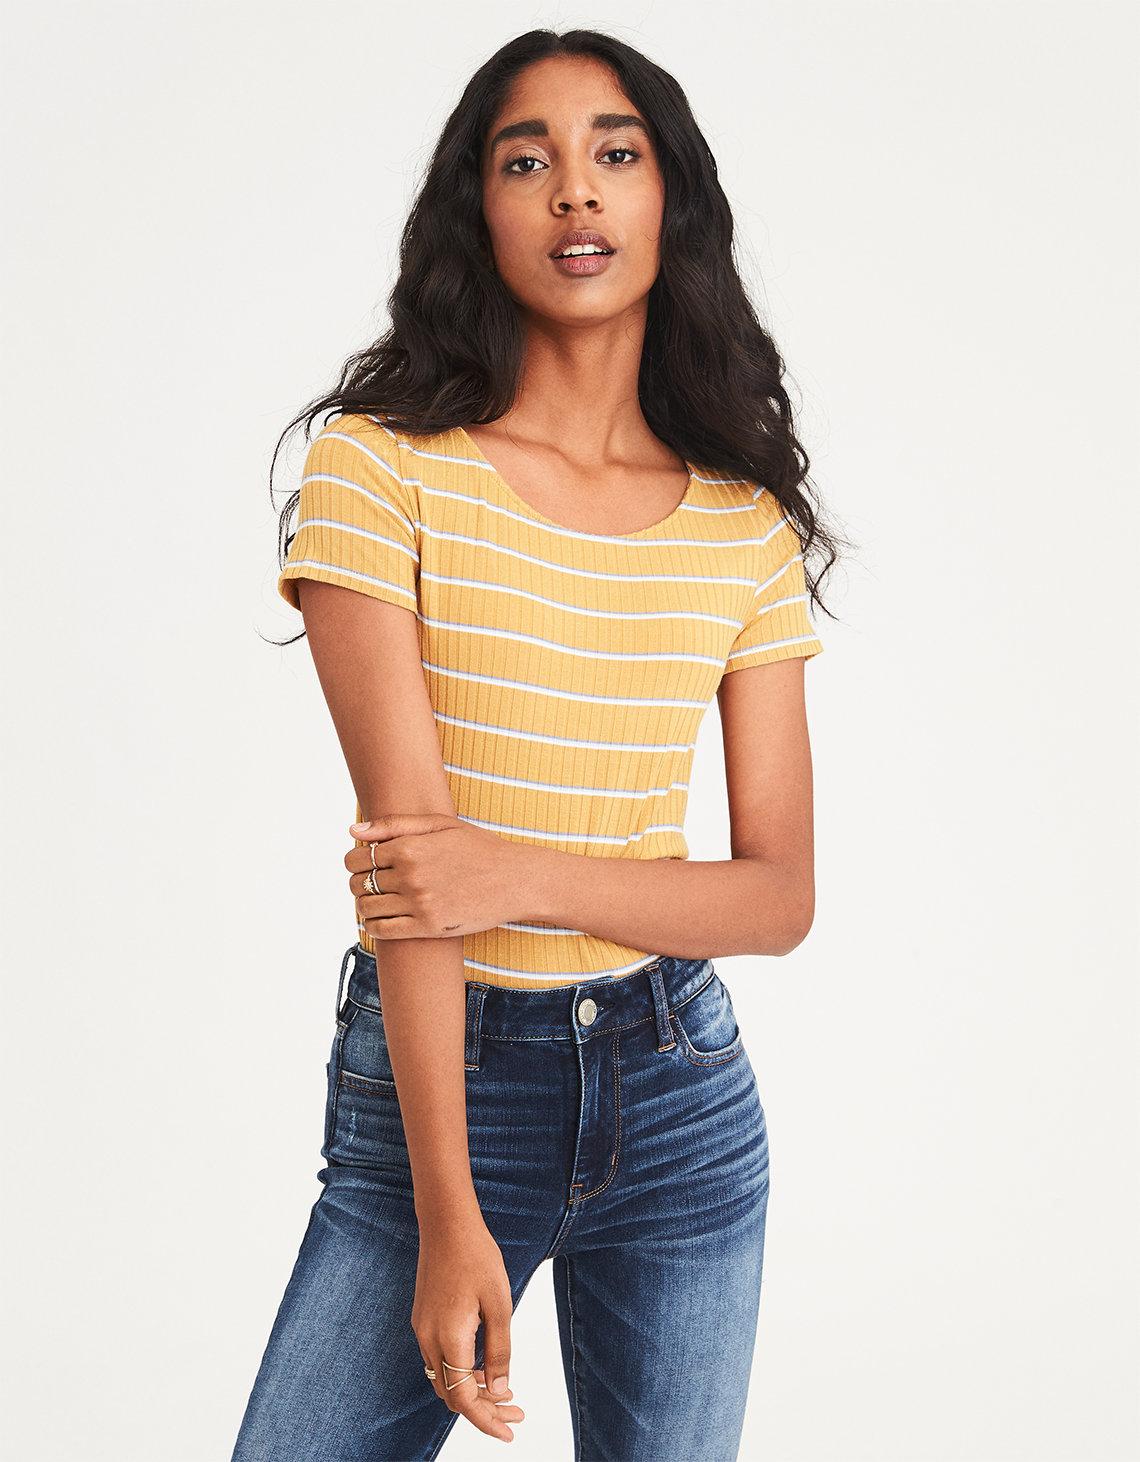 Sexy yellow shirt